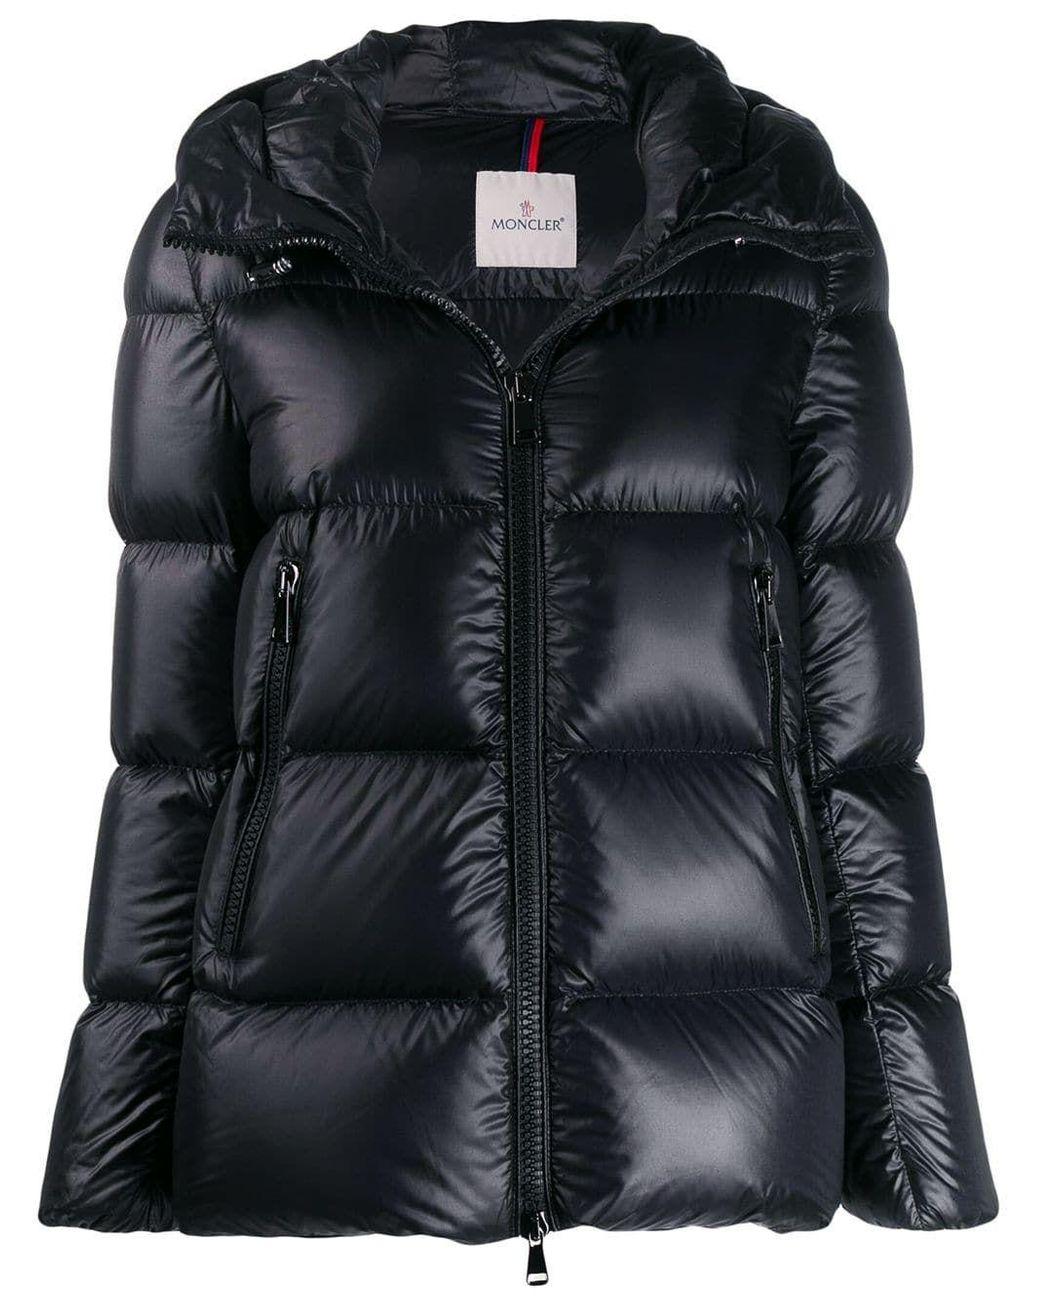 d8e9d1e46 Women's Black Polyamide Down Jacket